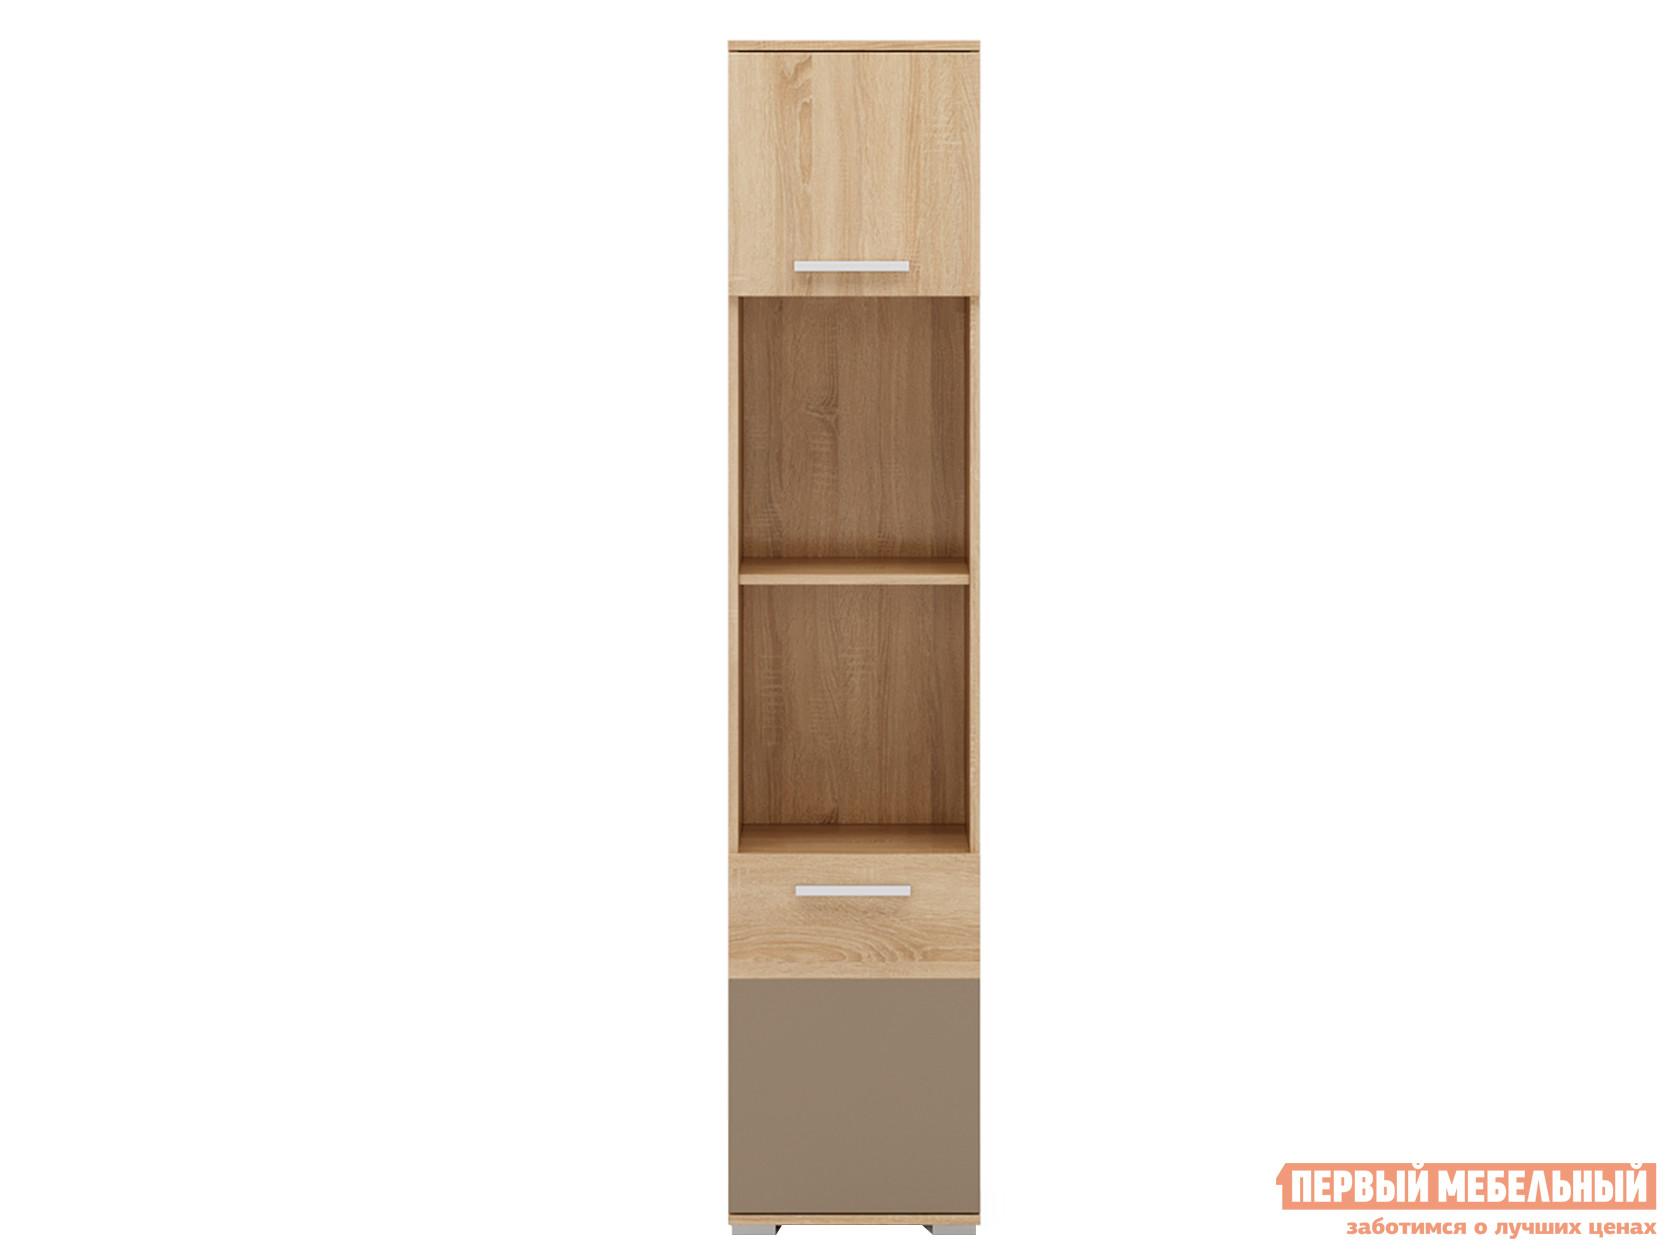 Стеллаж Первый Мебельный Хелена 1 стеллаж первый мебельный стеллаж стиль 3